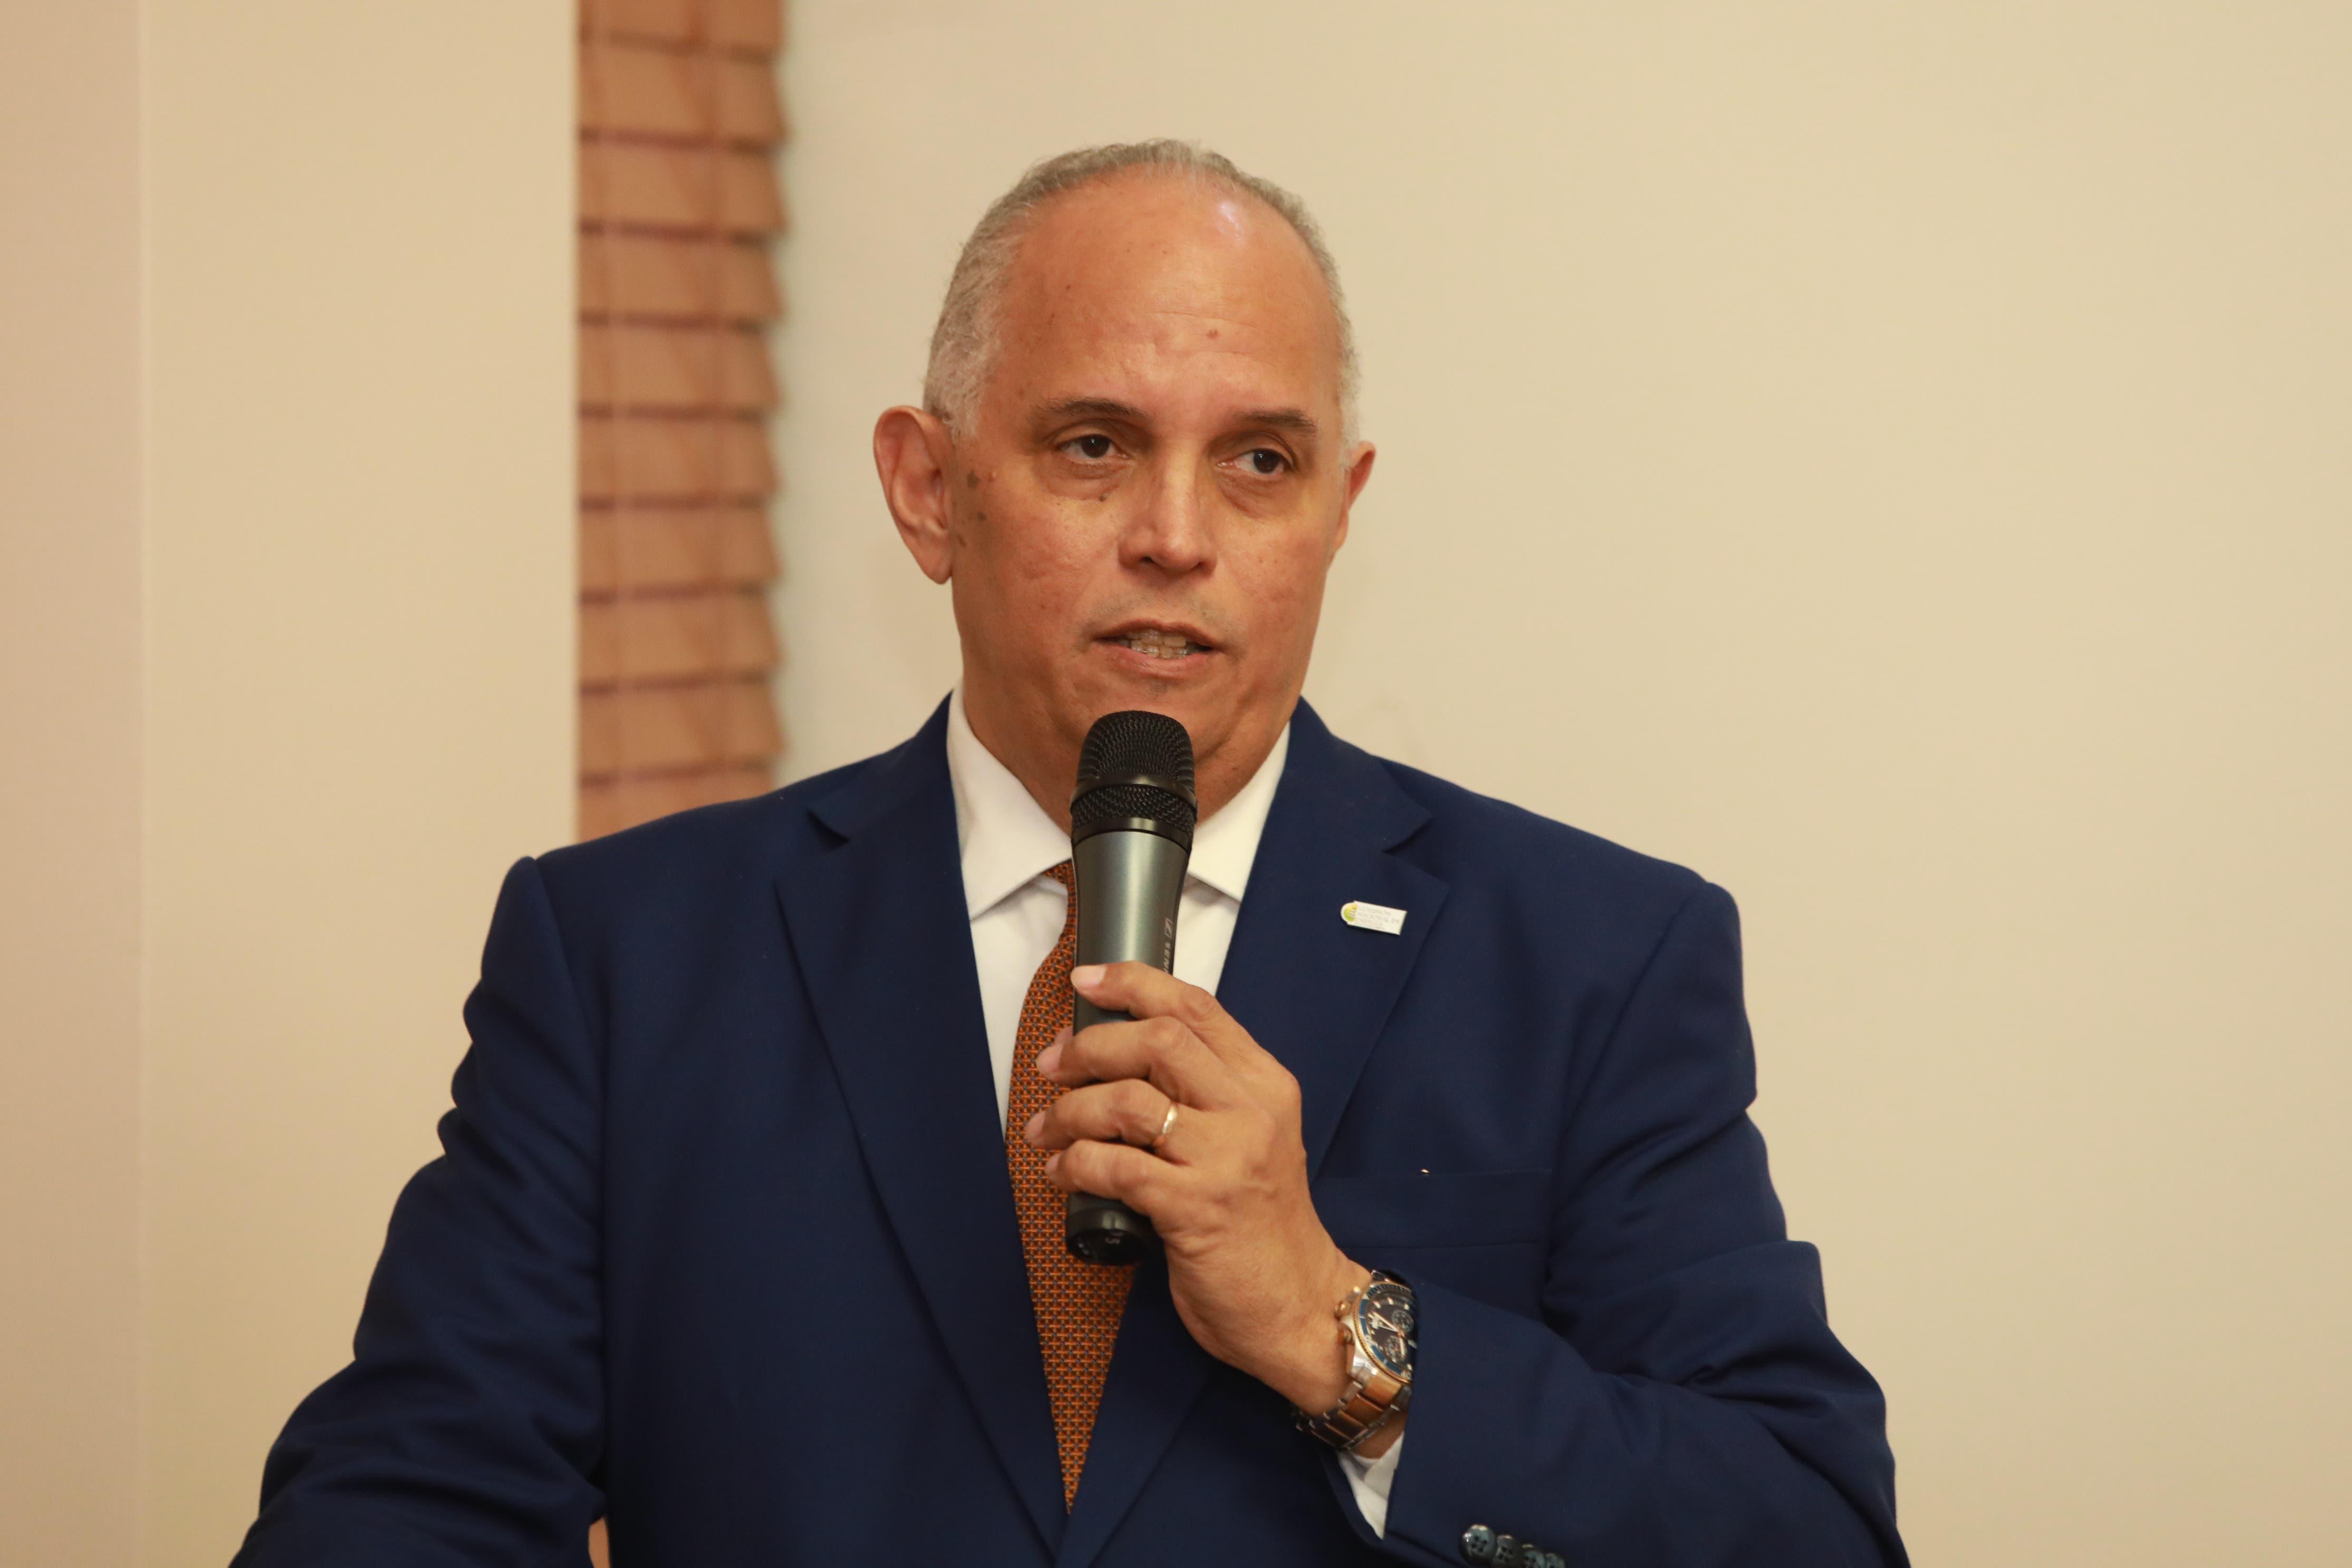 Ángel Canó cita impacto manejo desechos en vertedero de Duquesa